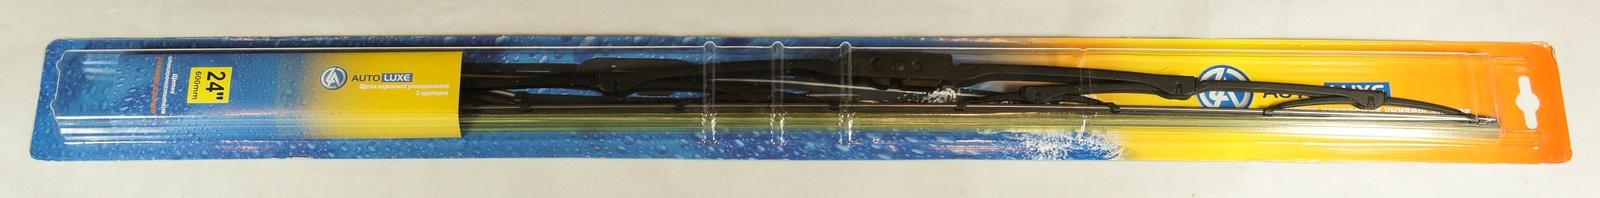 Щетка стеклоочистителя Autoluxe каркасная универсальная 24 дюйма/600 мм, черный цена 2017